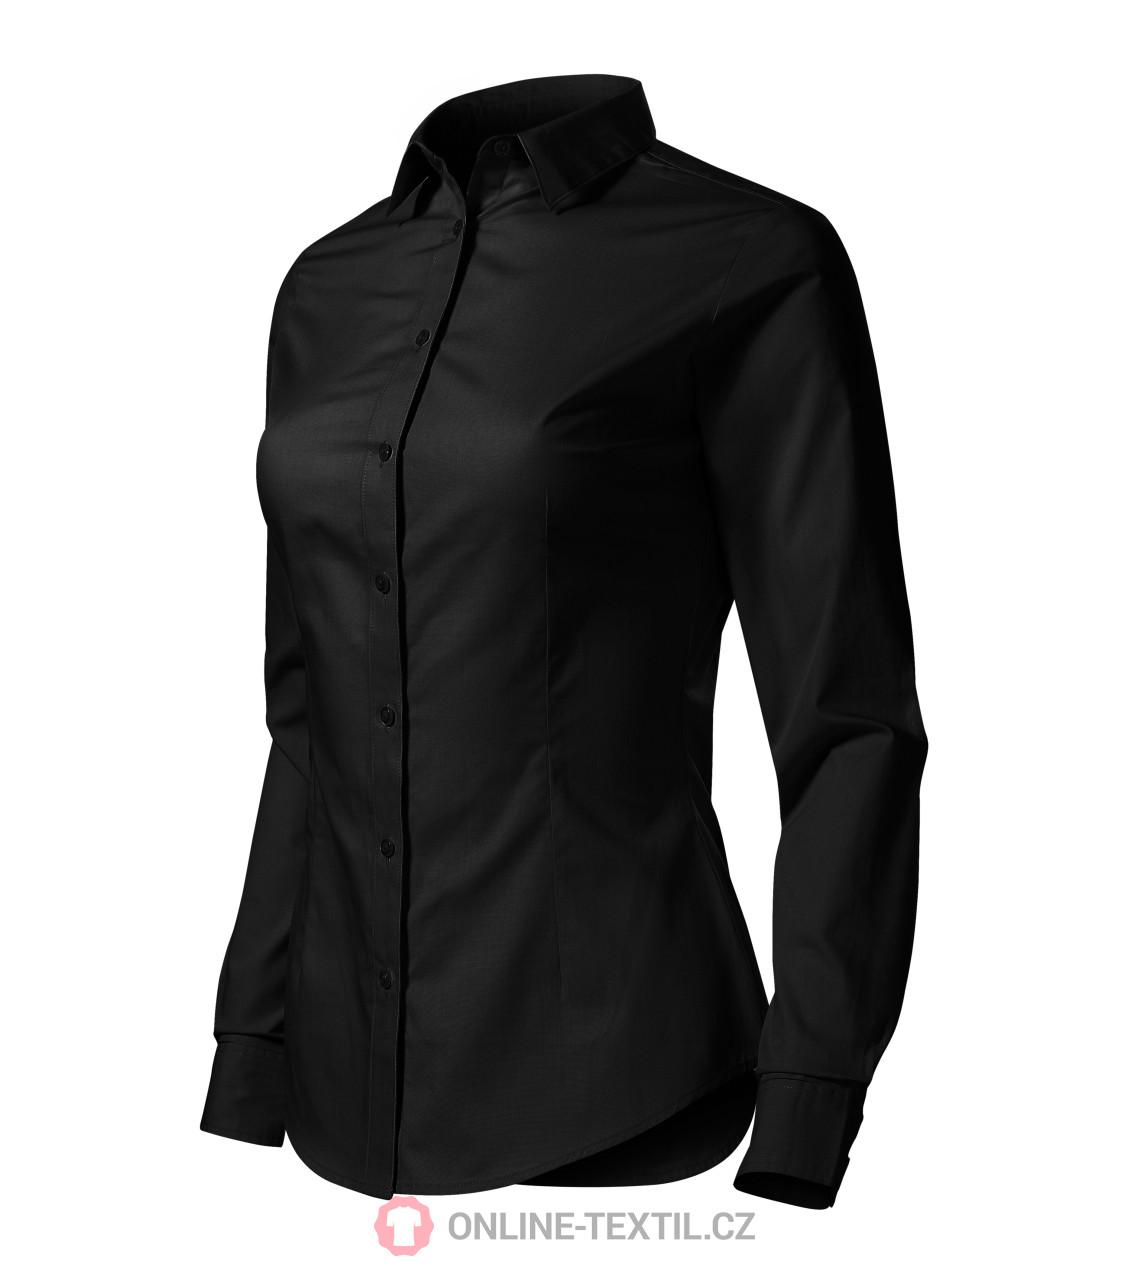 ADLER CZECH Dámská košile Style LS s dlouhým rukávem 229 - černá z ... 3791415043